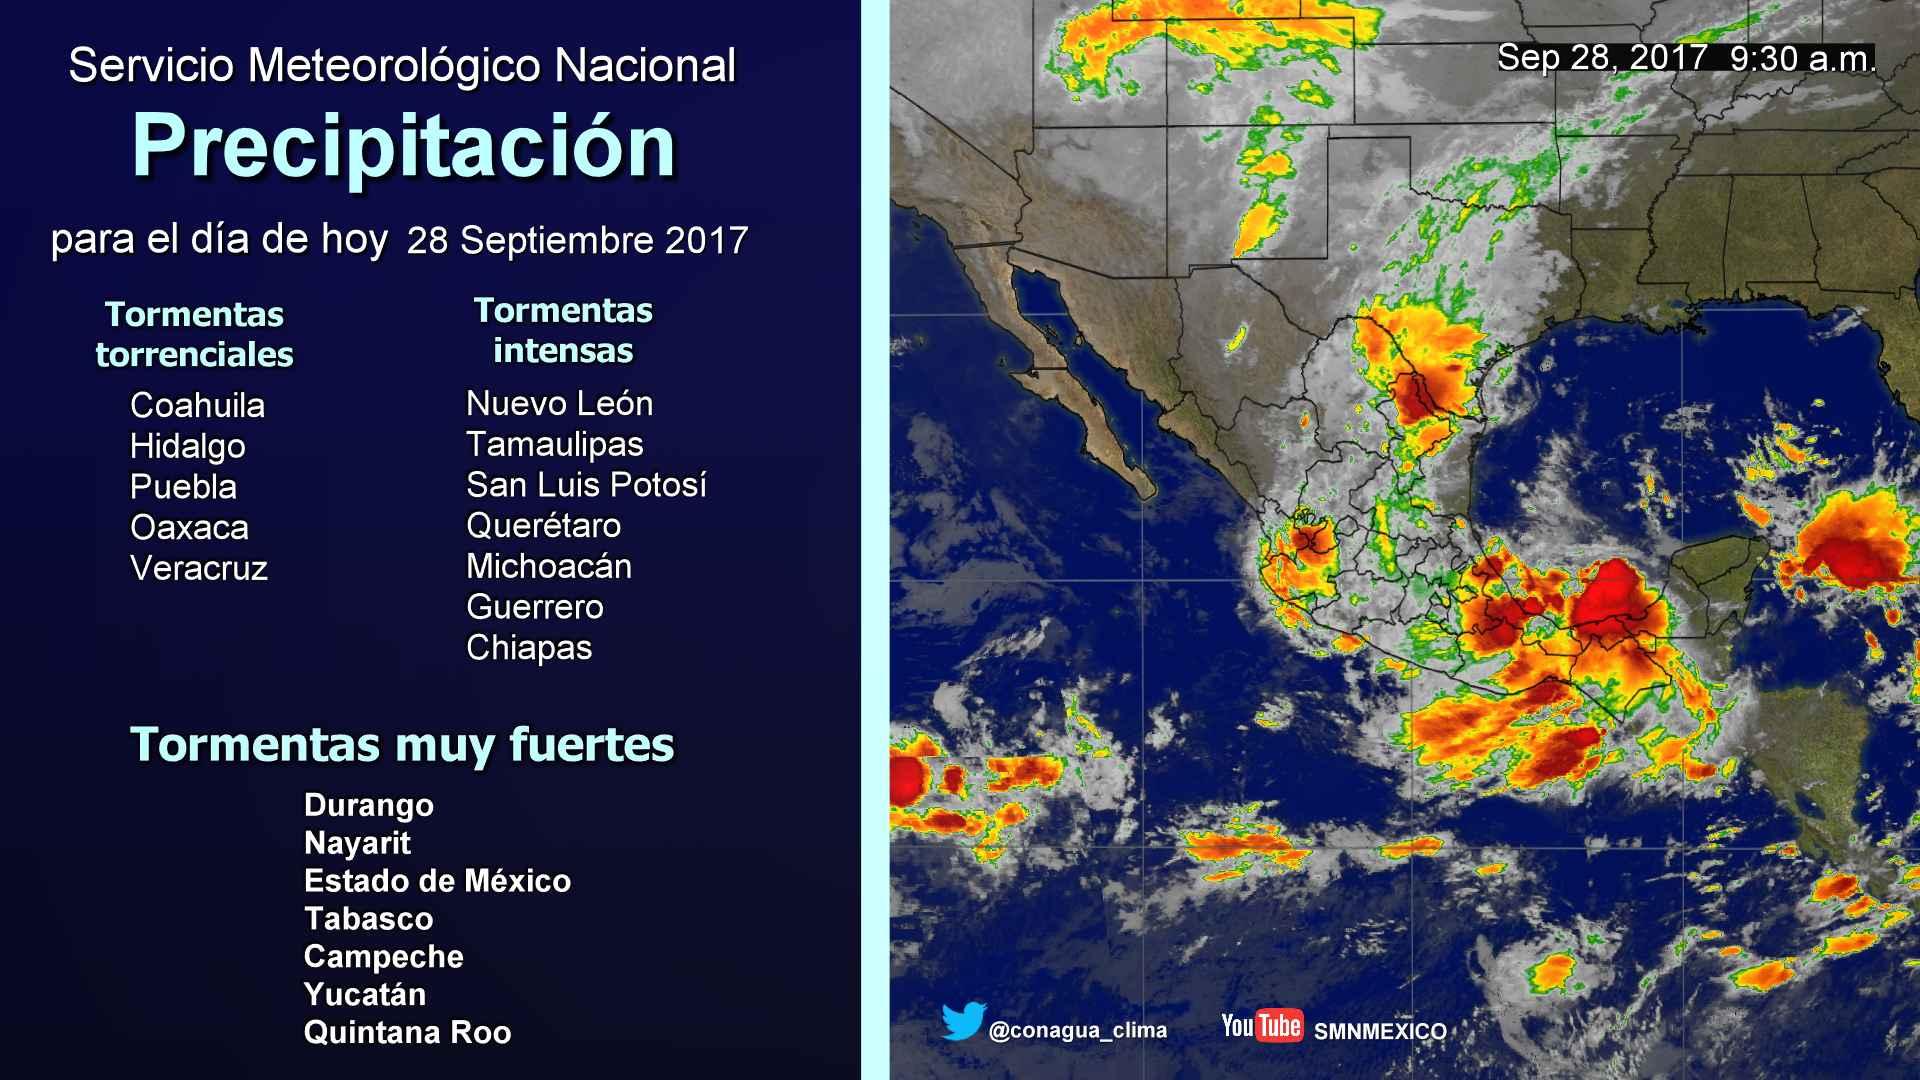 Tormentas fuertes se prevén para Tlaxcala